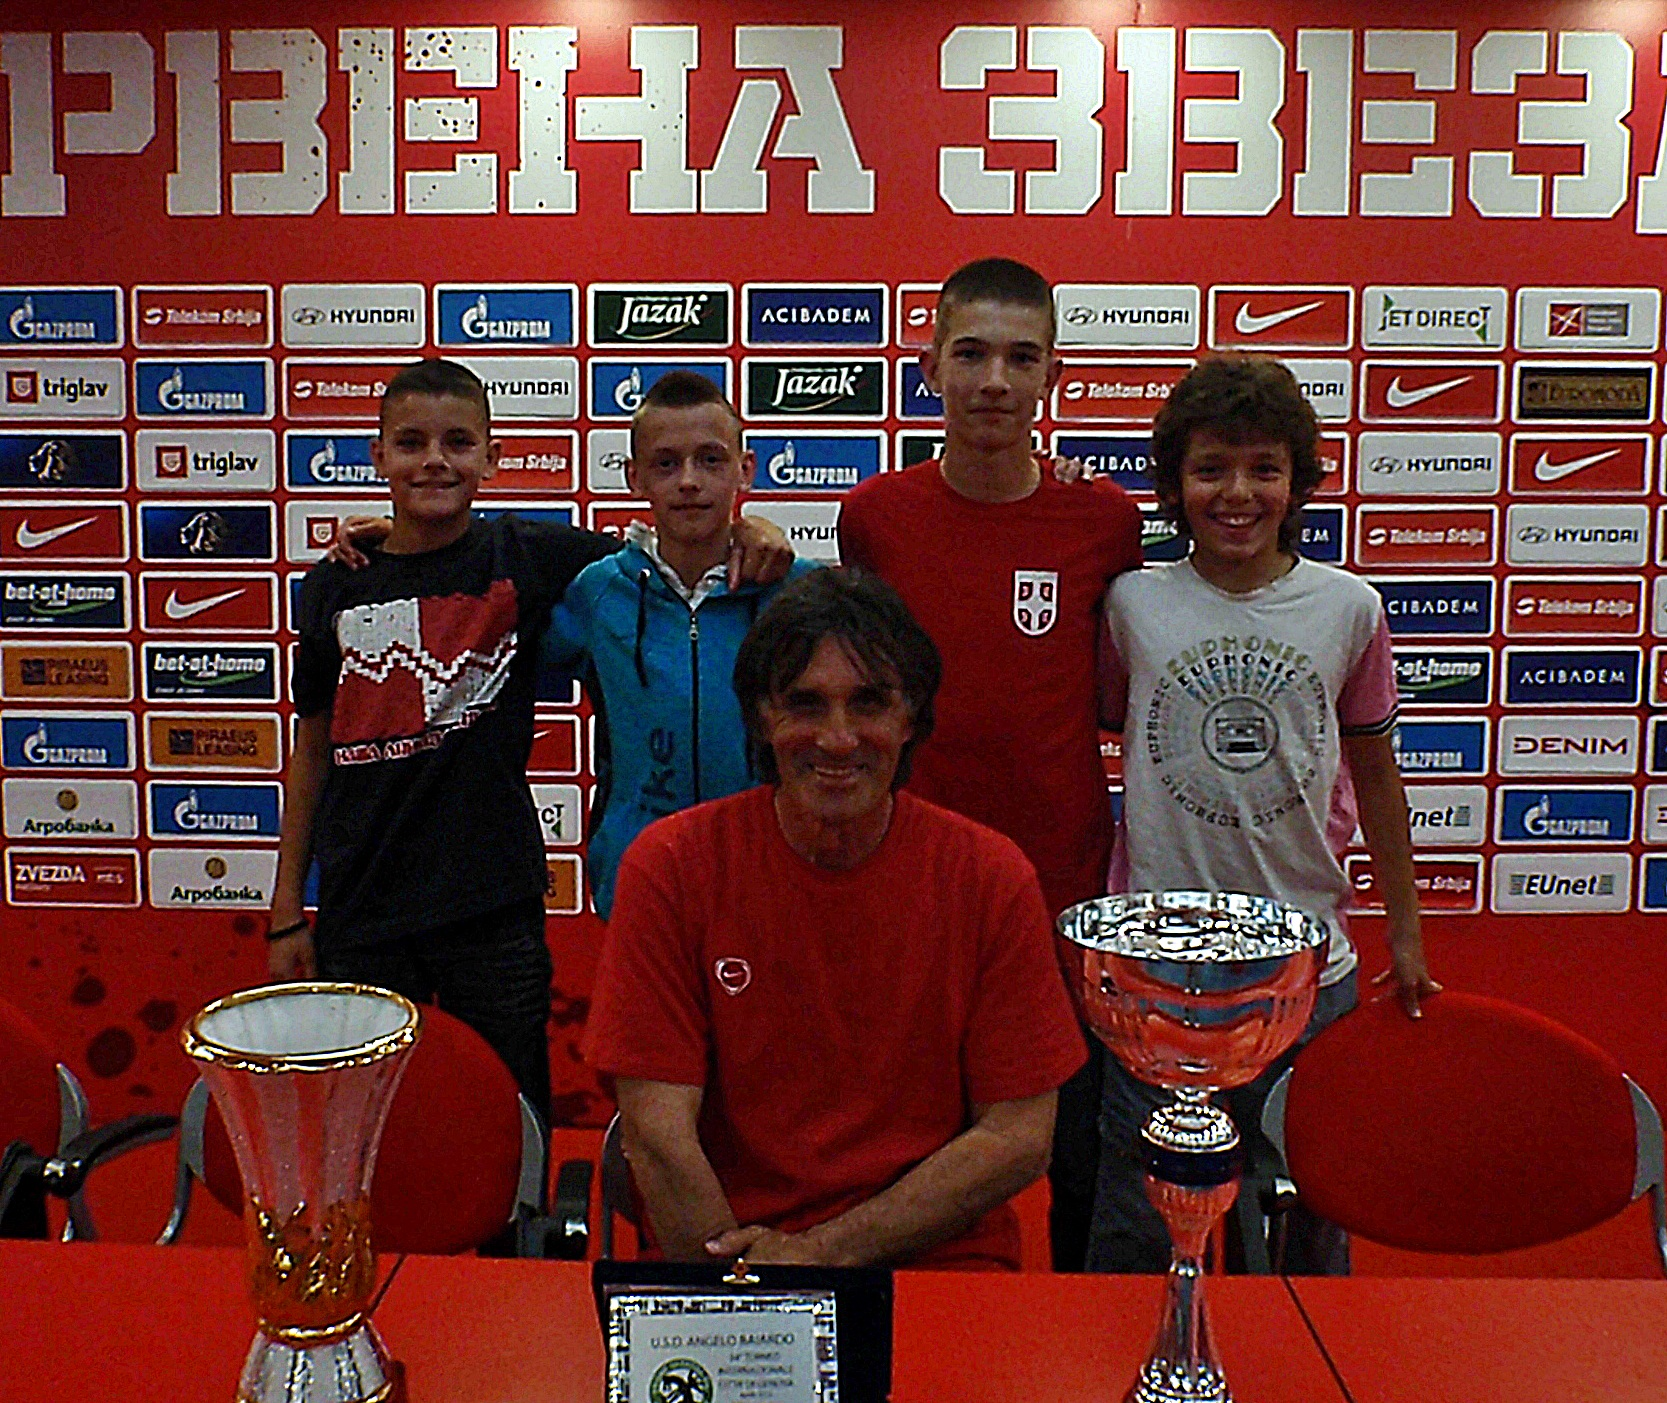 Тренер Благојевић са награђеним петлићима